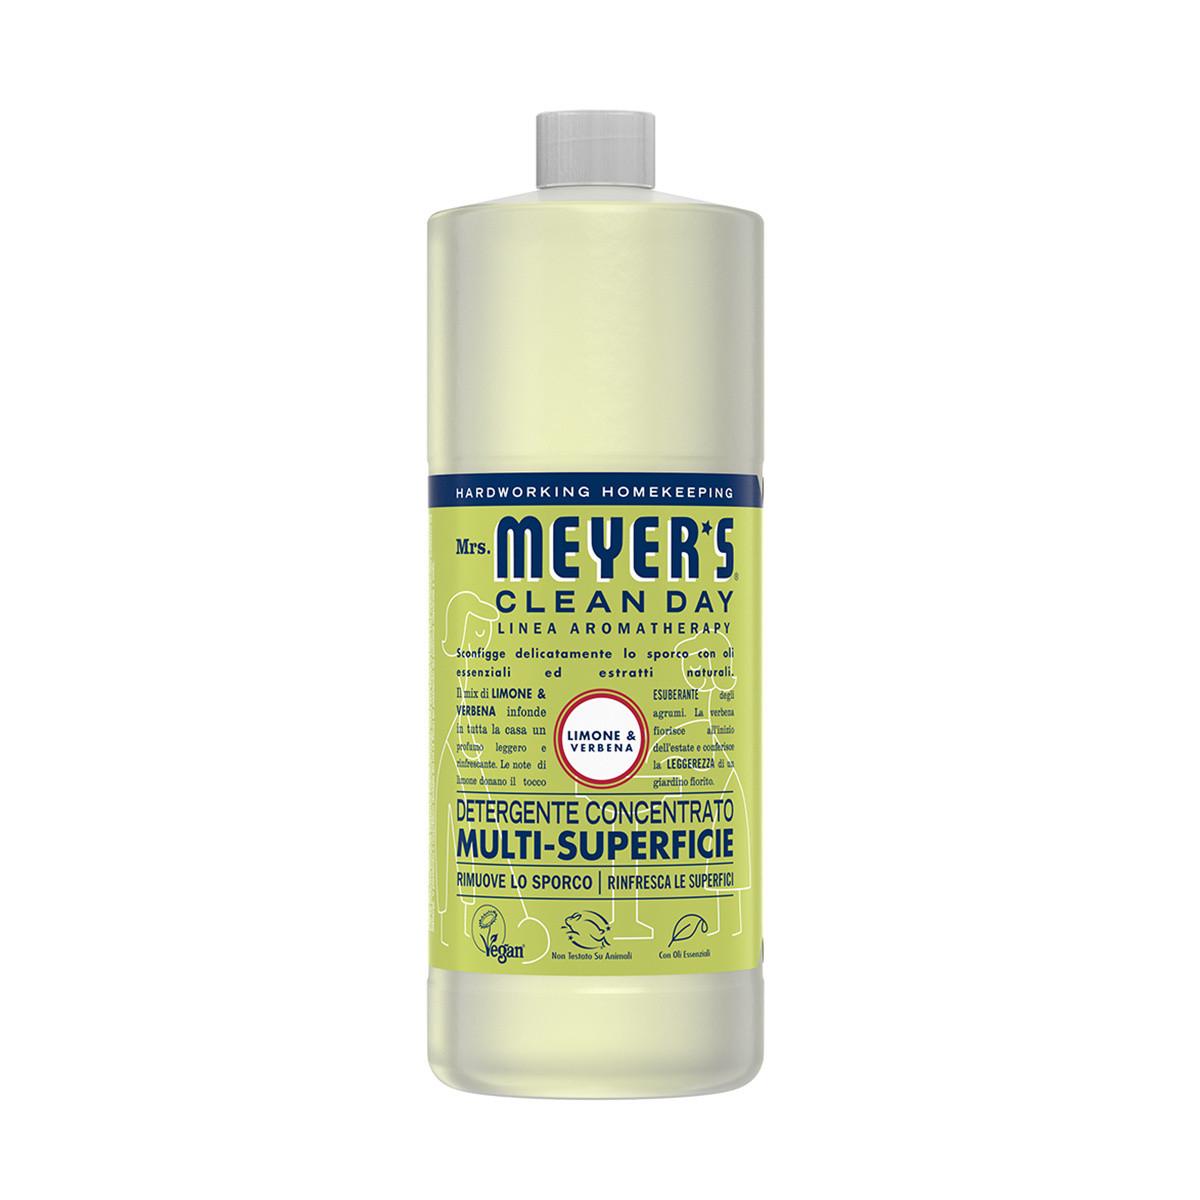 Detergente concentrato multi-supericie profumo di limone 946ml, Giallo scuro, large image number 0